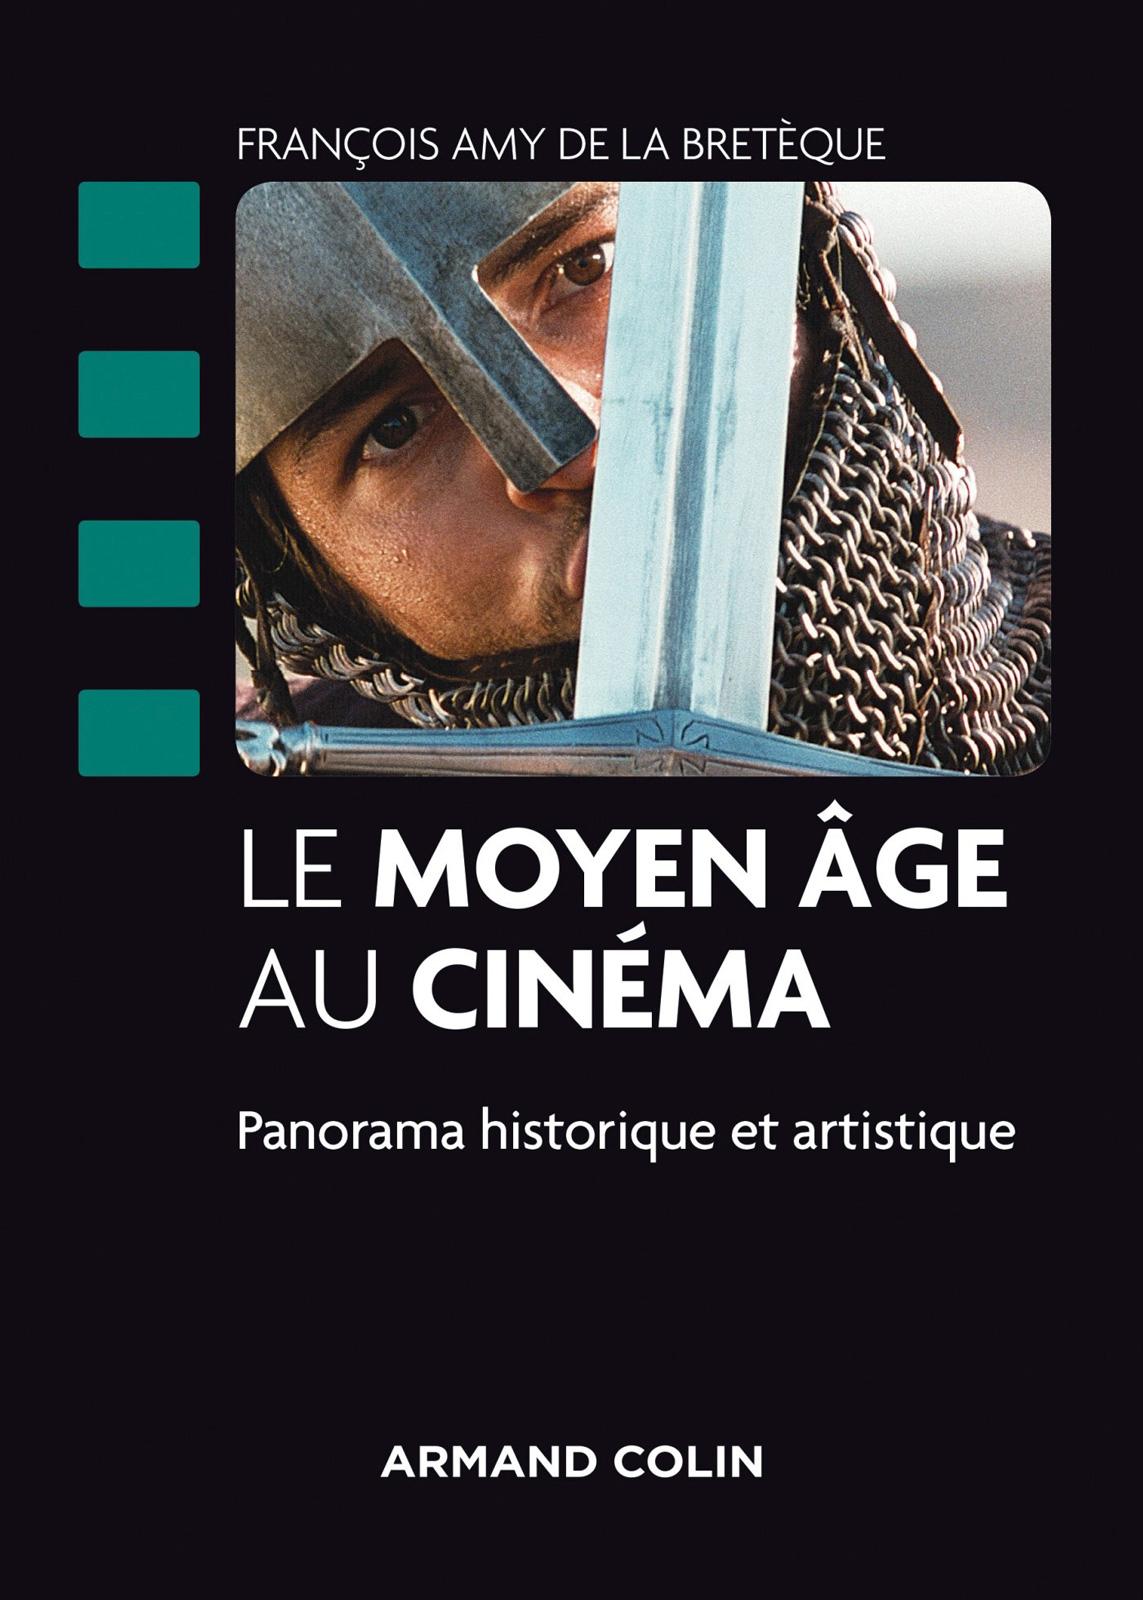 Le moyen-âge au cinéma